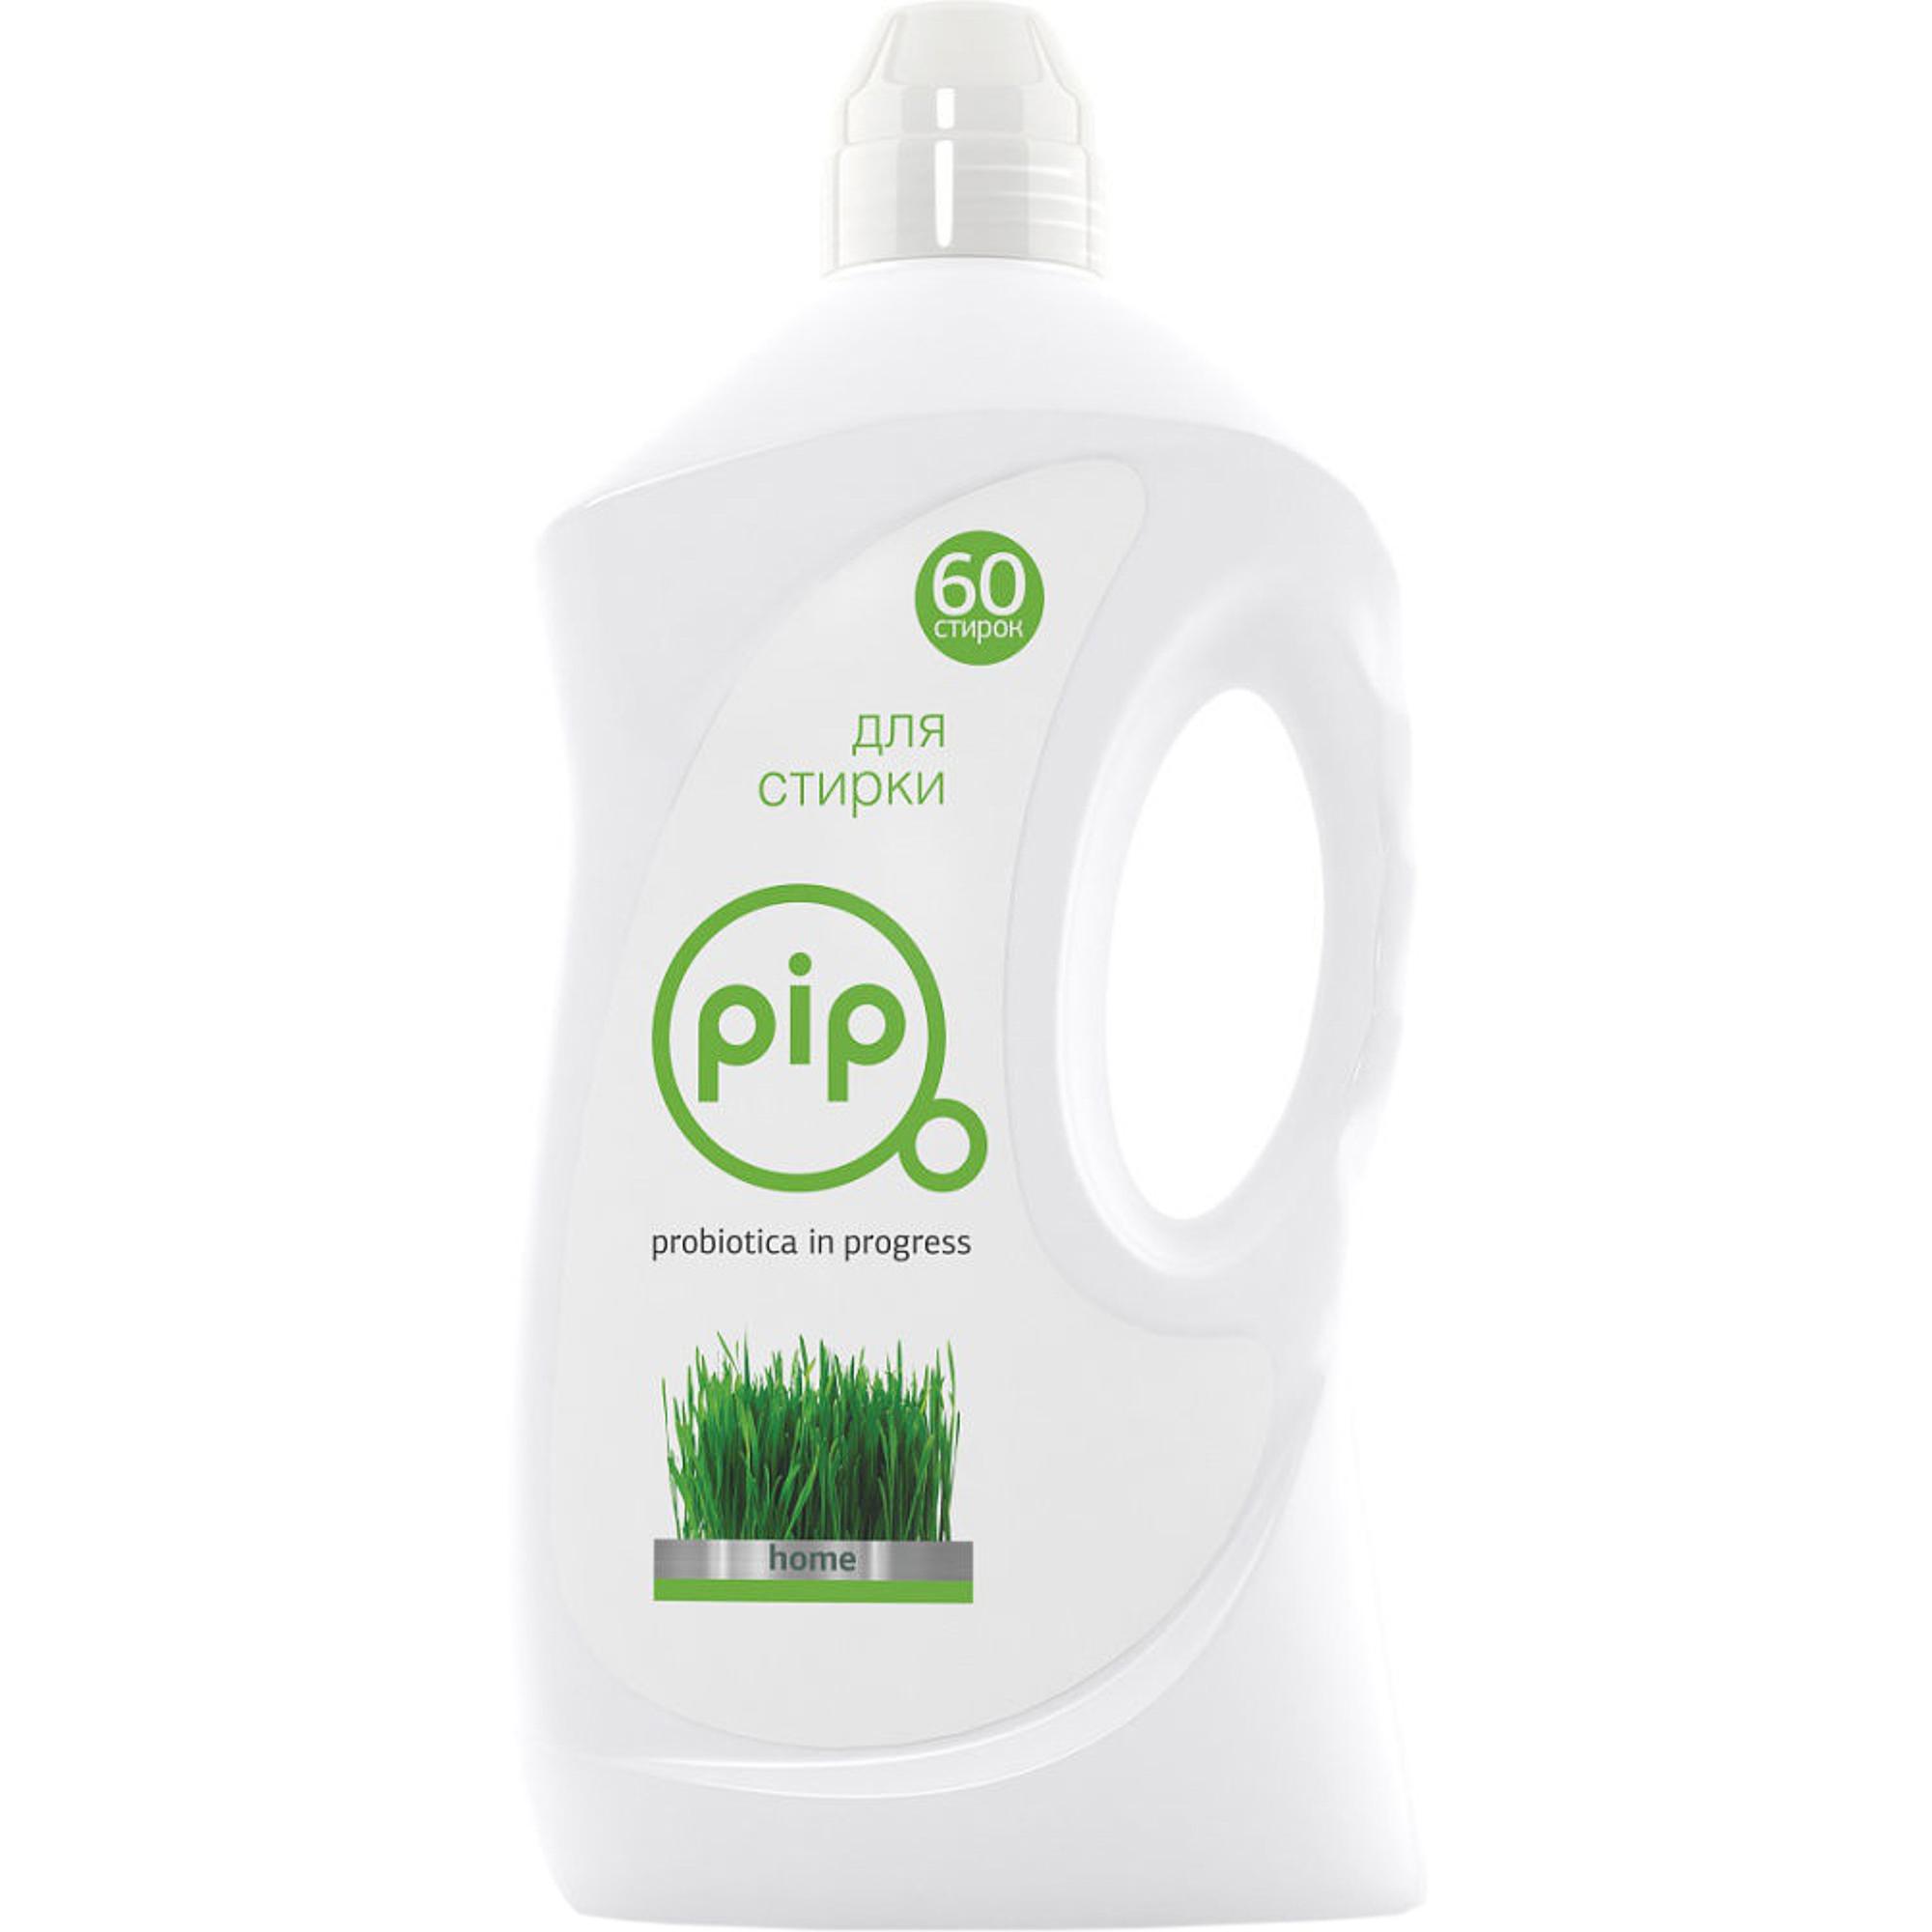 Купить Гель для стирки PiP Пробиотический 1, 5 л, жидкое средство для стирки, Бельгия